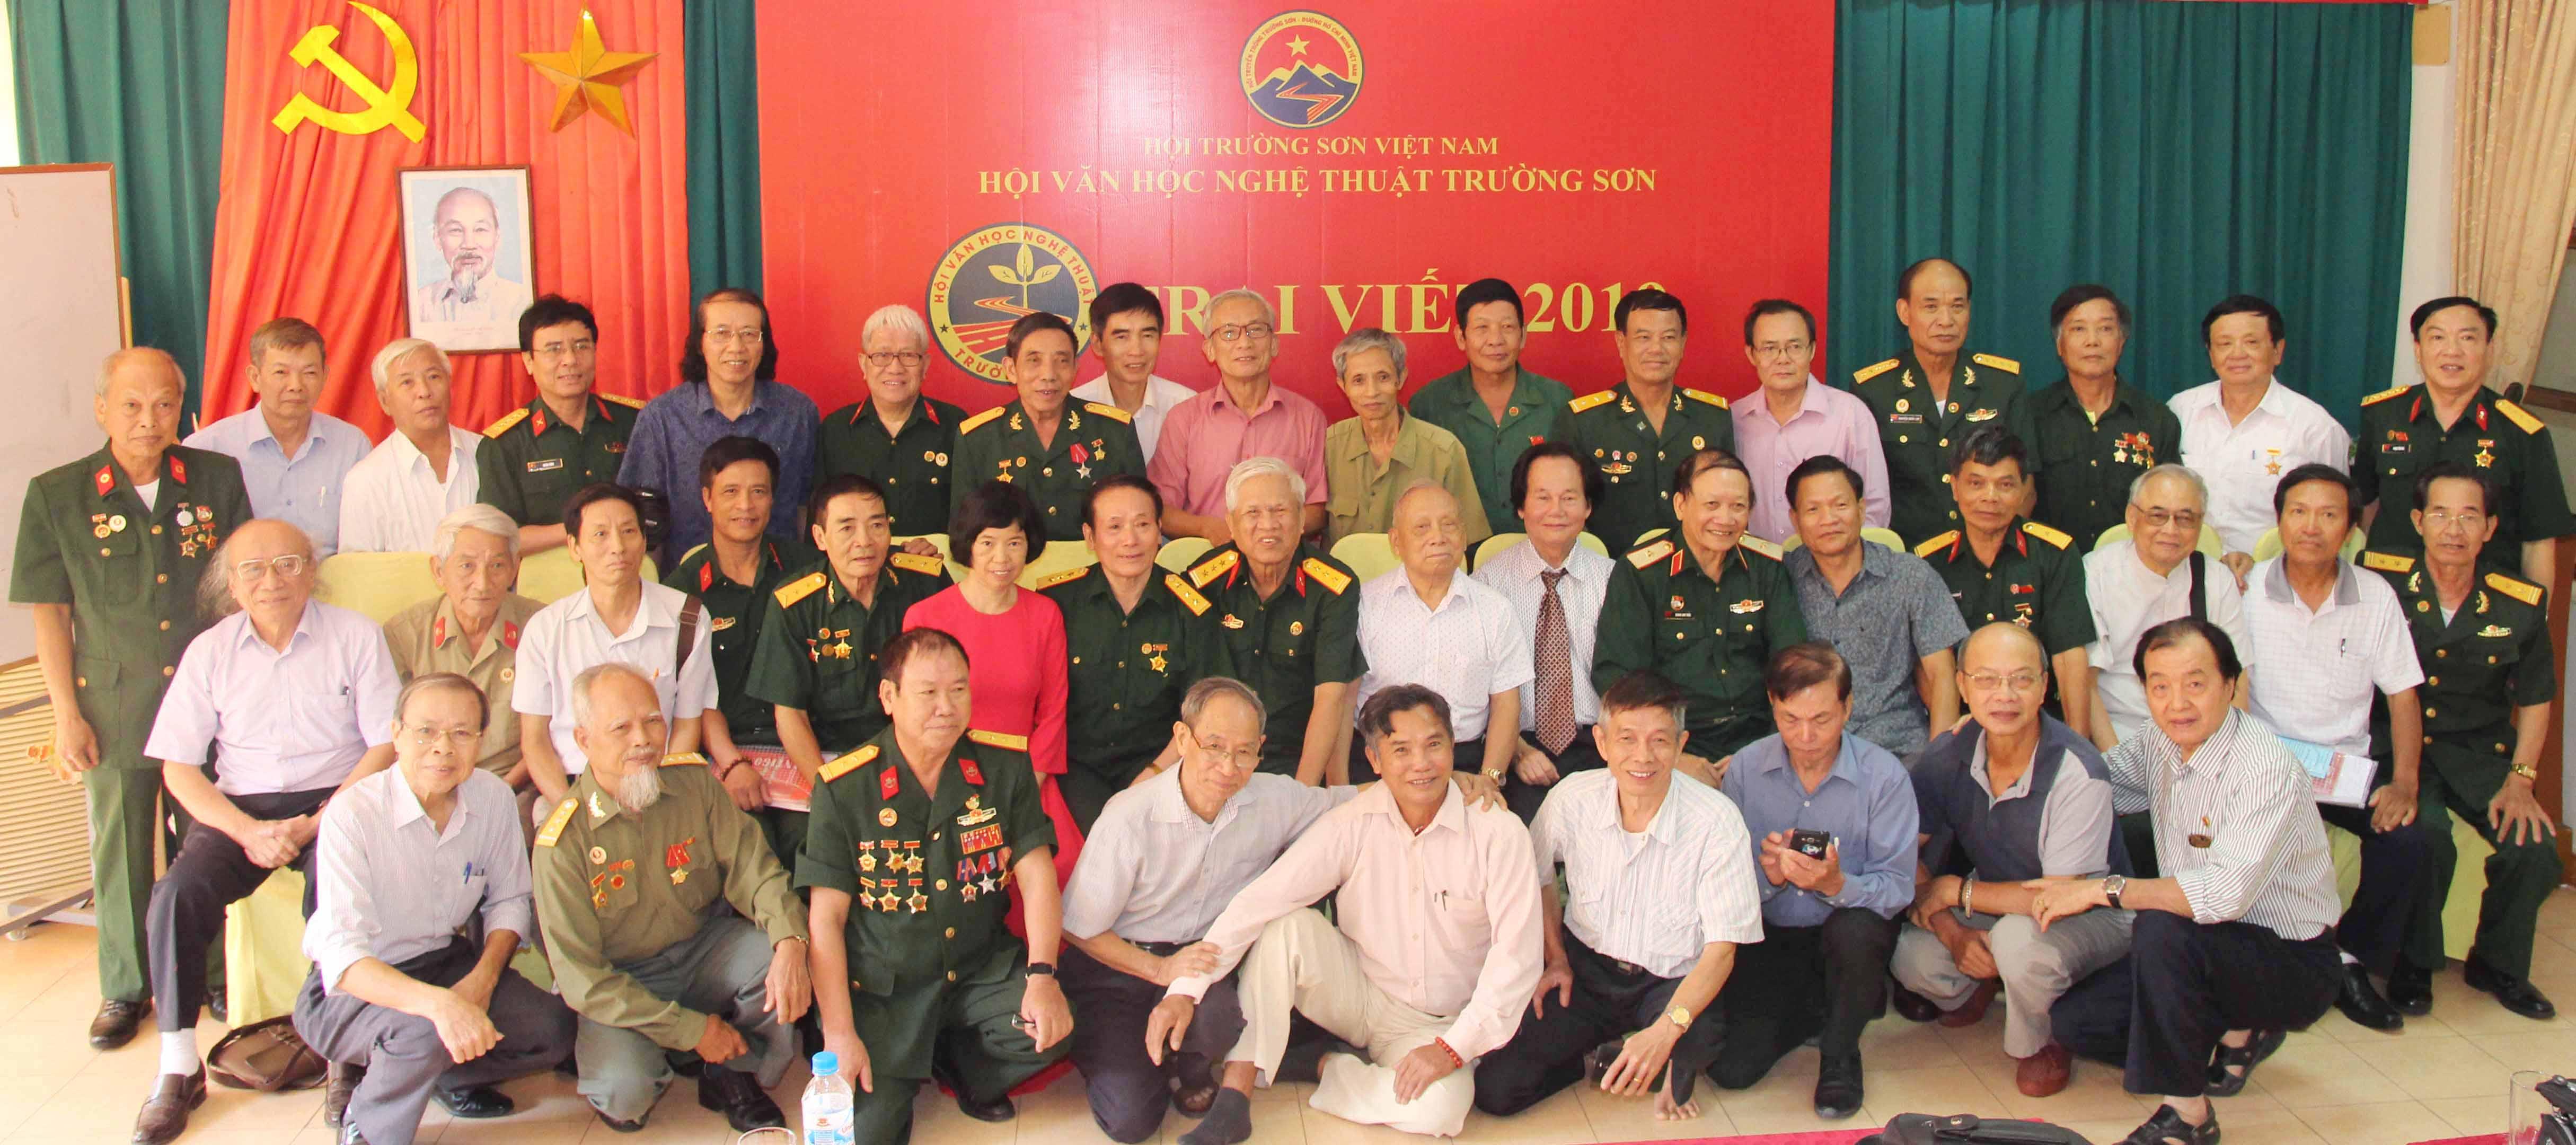 Trại viết Trường Sơn - Nguyễn Hữu Quý